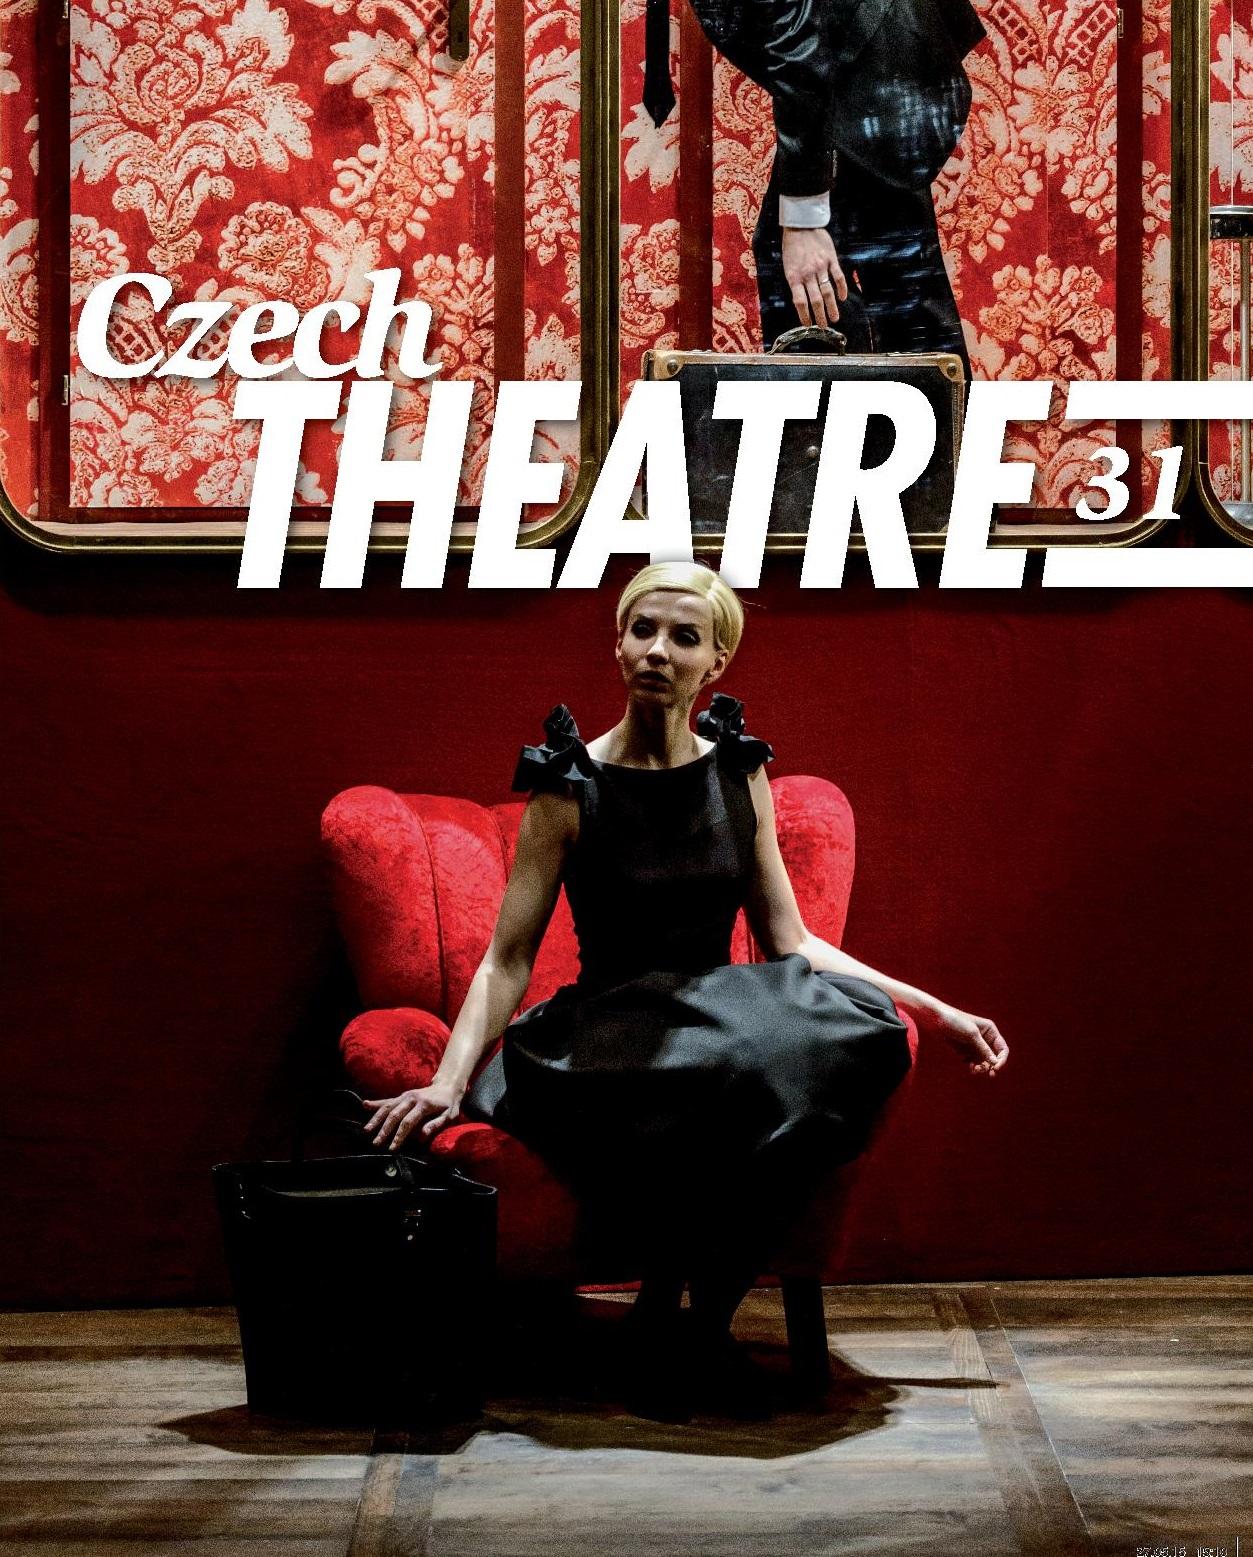 Czech Theatre 31